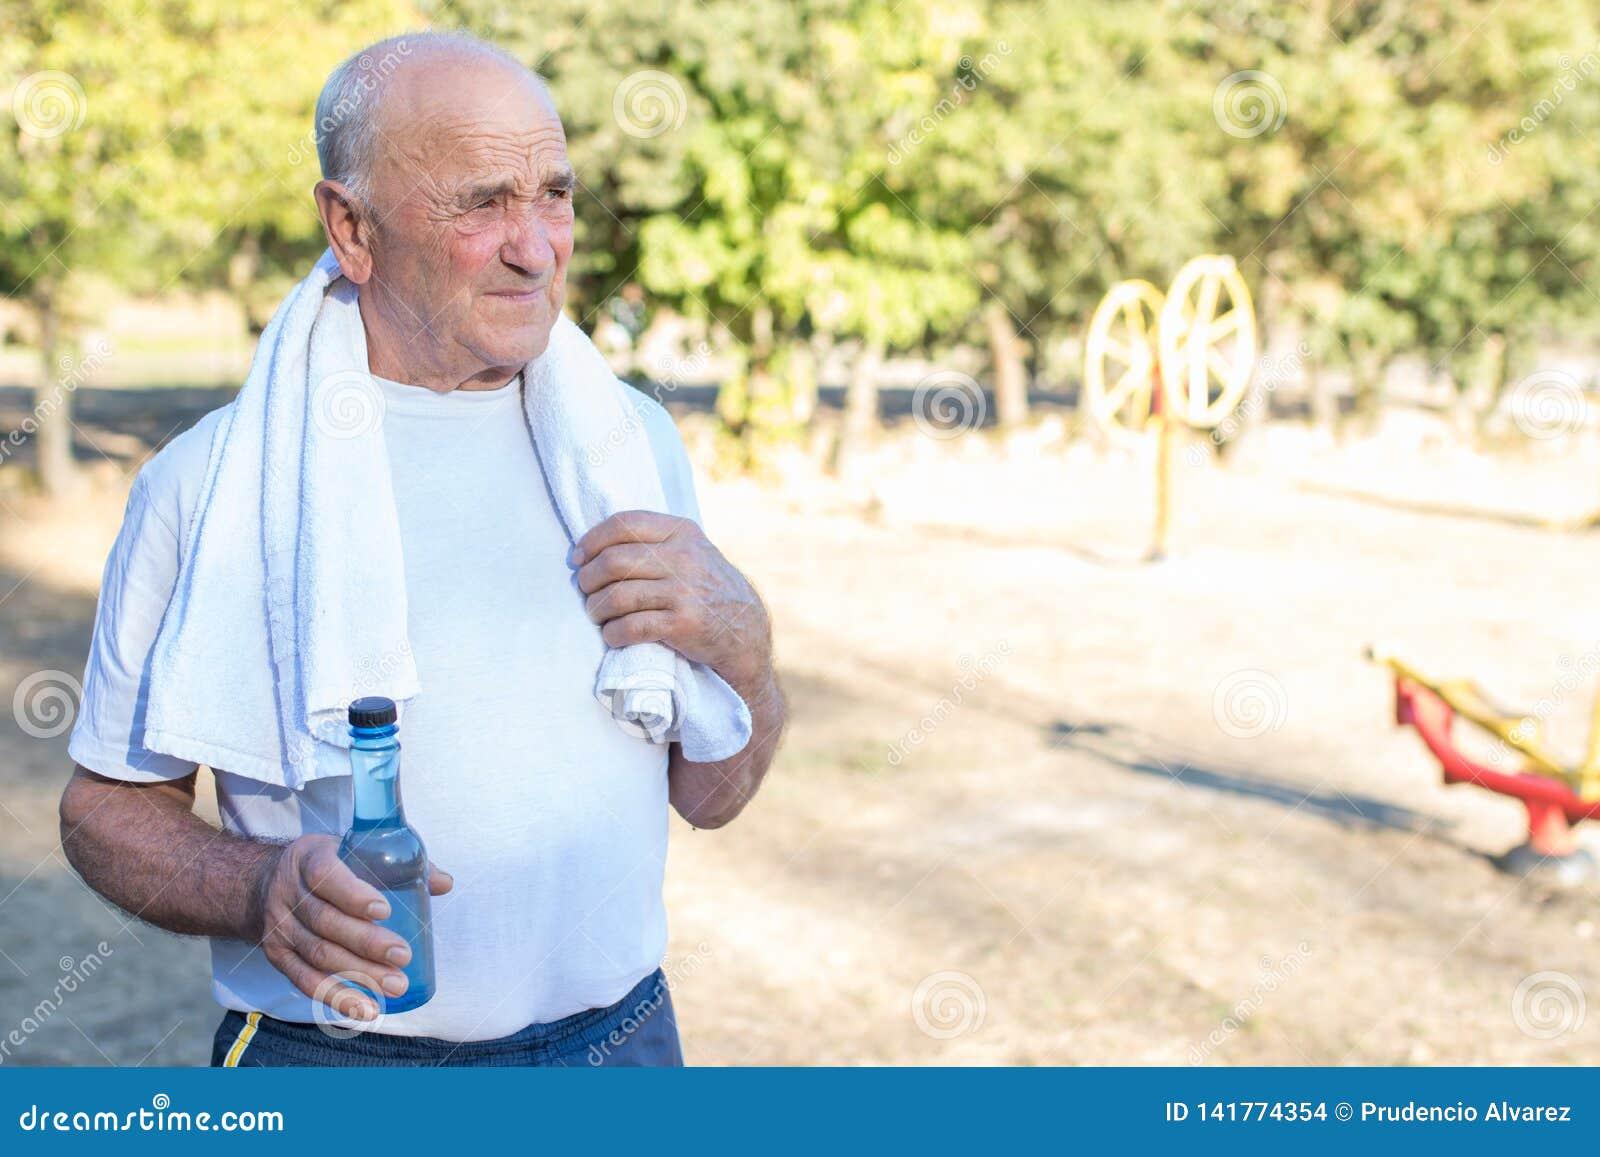 Seniors doing sport outdoors